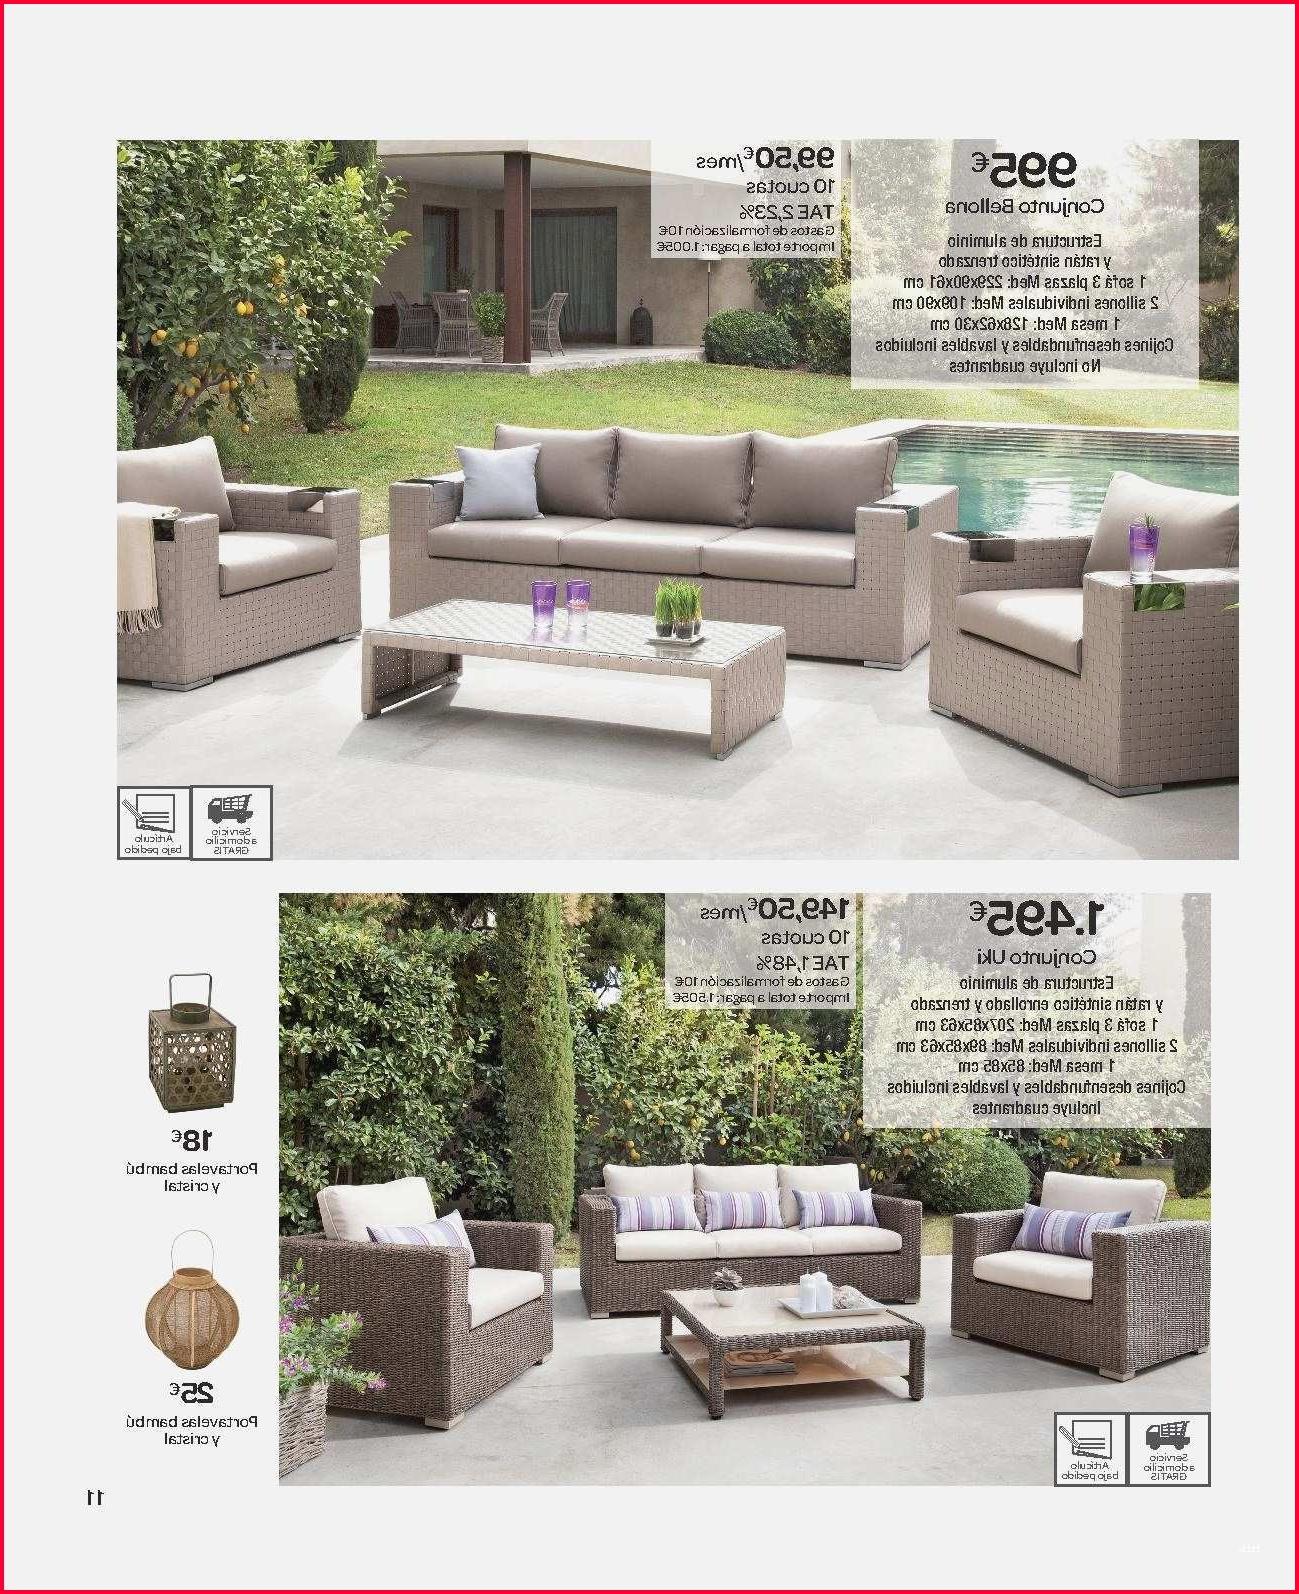 Fundas sofa Baratas Carrefour Txdf Fundas Para Muebles De Jardin Carrefour Lujo Muebles Jardin